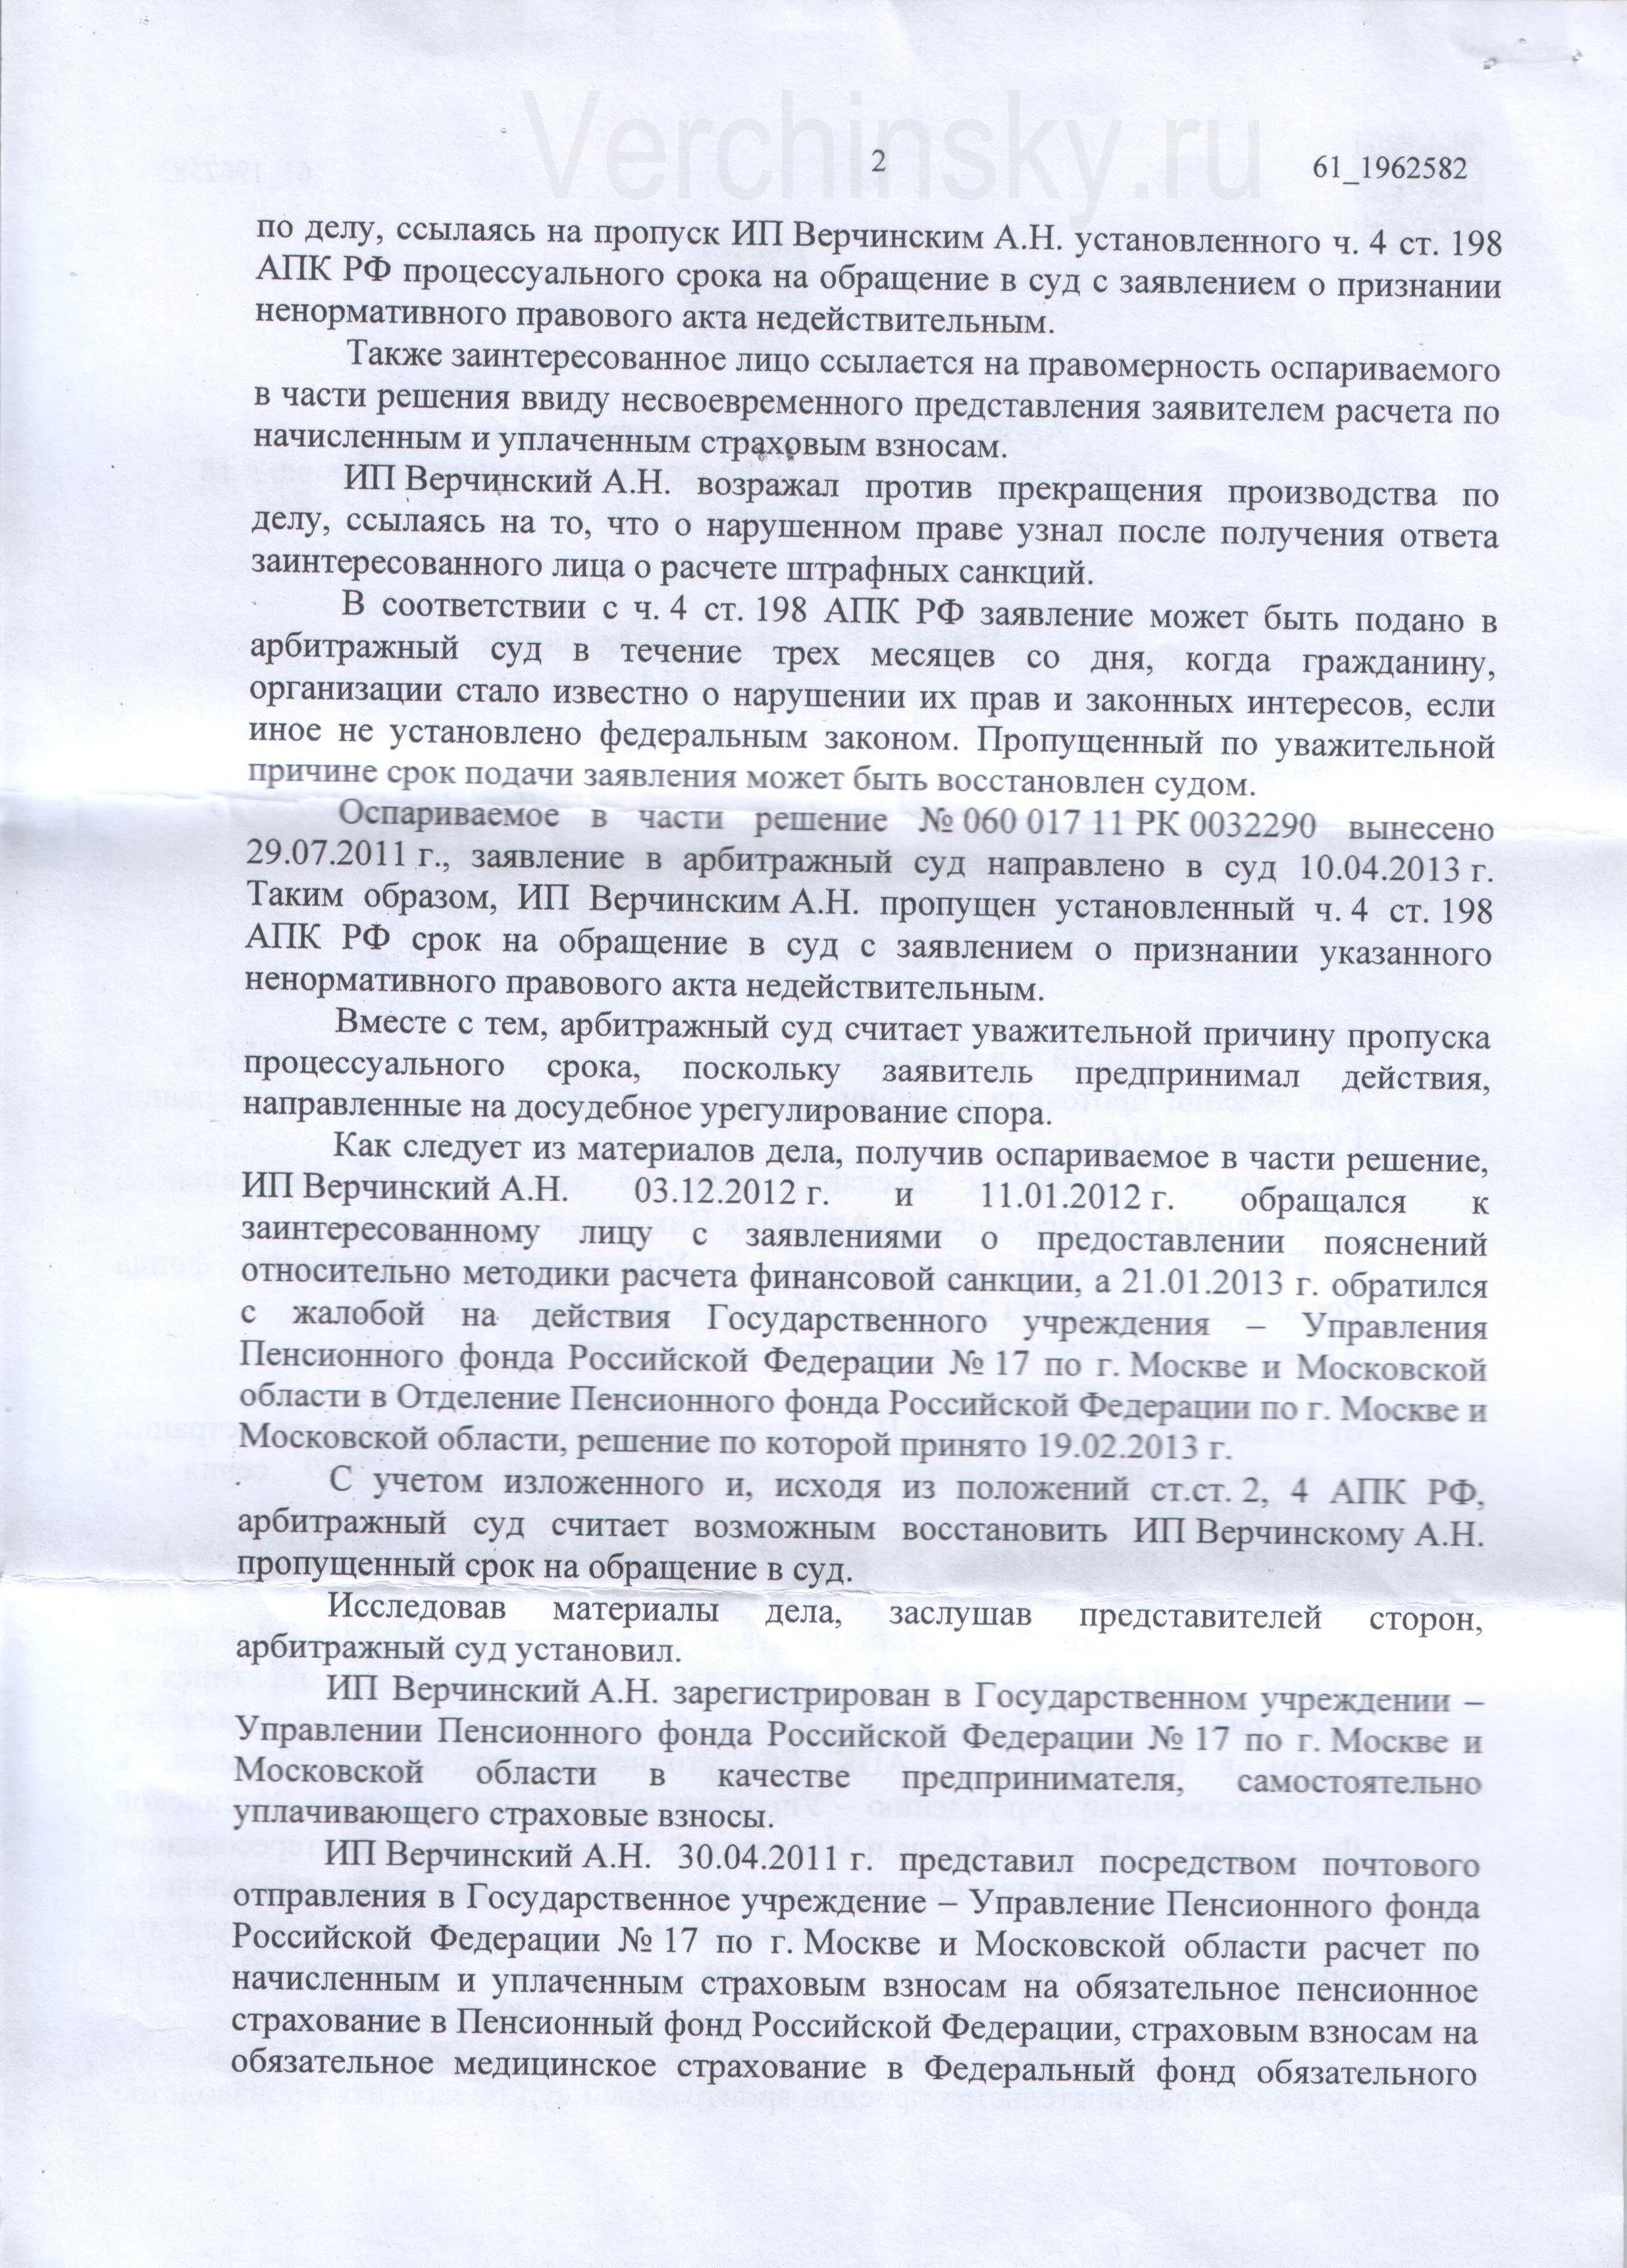 Решение АС МО по штрафу 1800 руб. 41 коп. — 2 из 5 л.jpg